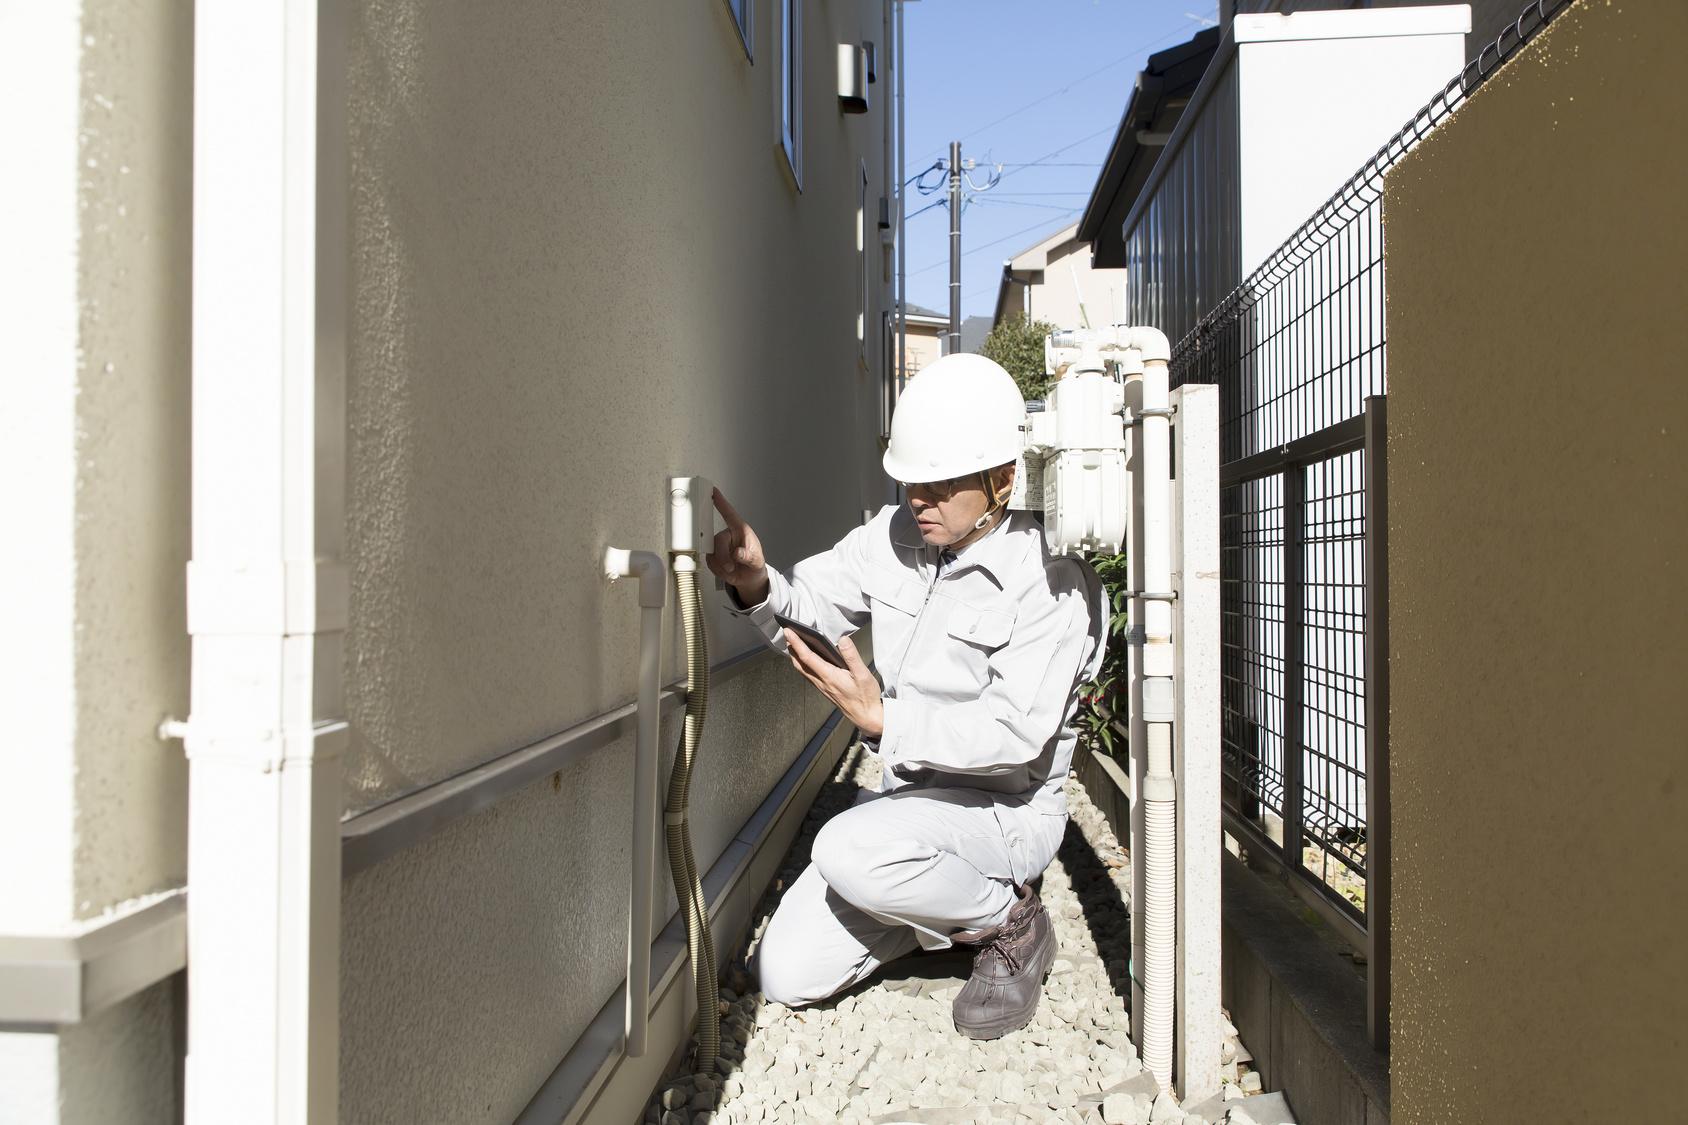 住宅選びに安心を!改正宅建業法でインスペクションに関する説明を義務付け